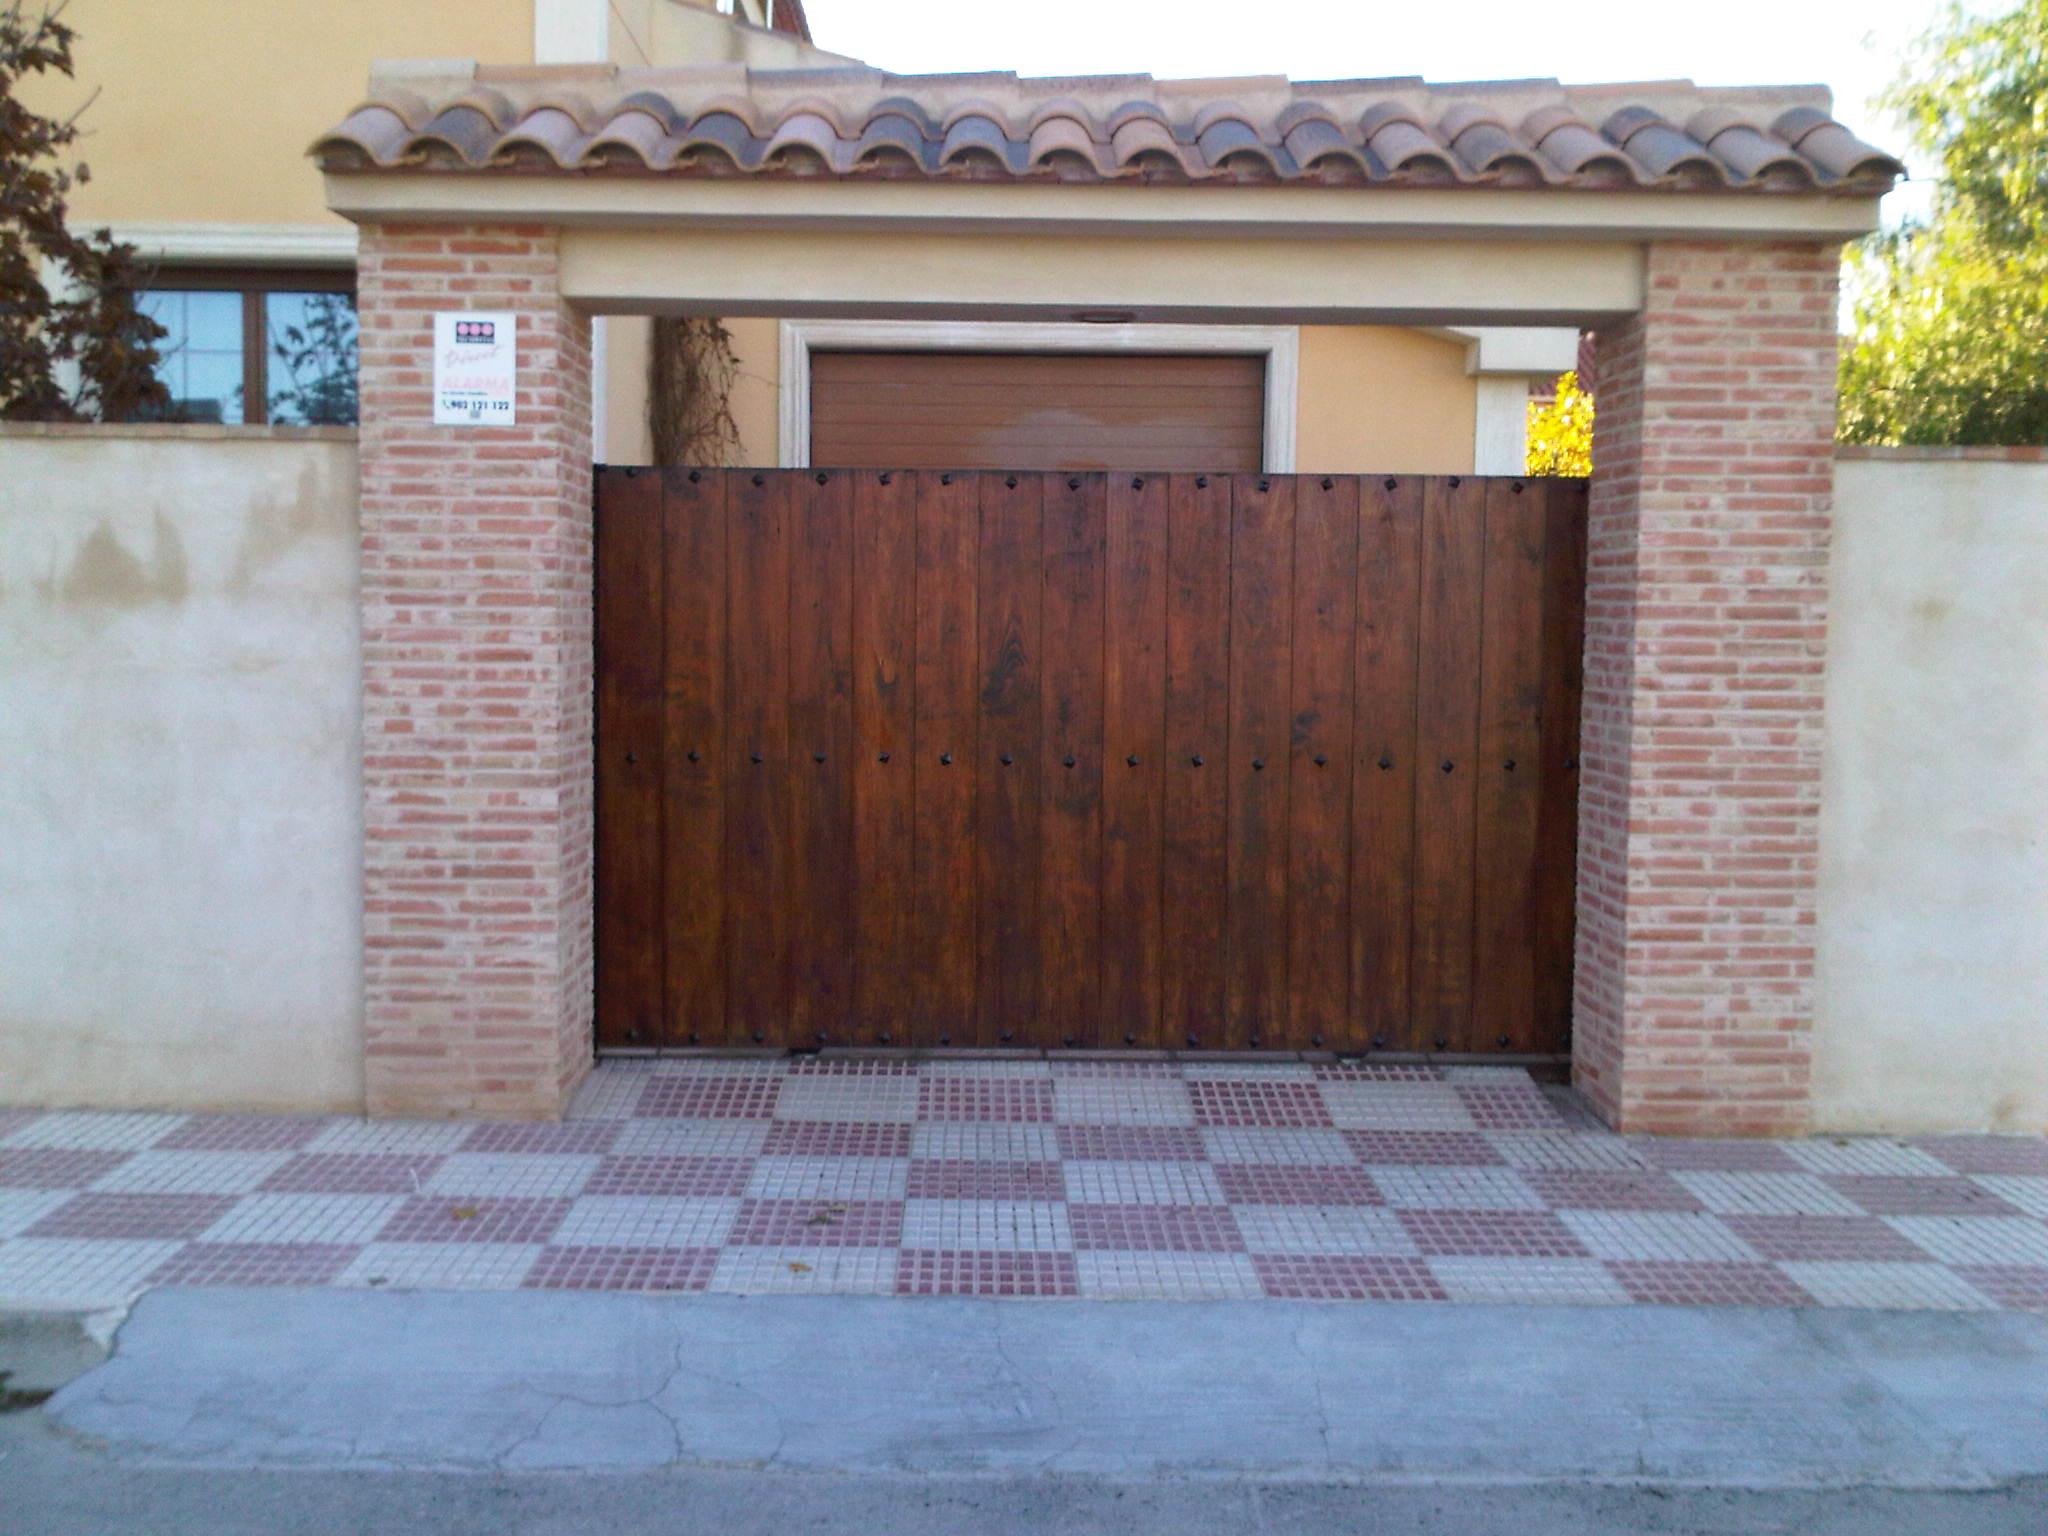 Restaurar puertas de madera simple cheap beautiful iphone for Pintar ventanas de madera exterior